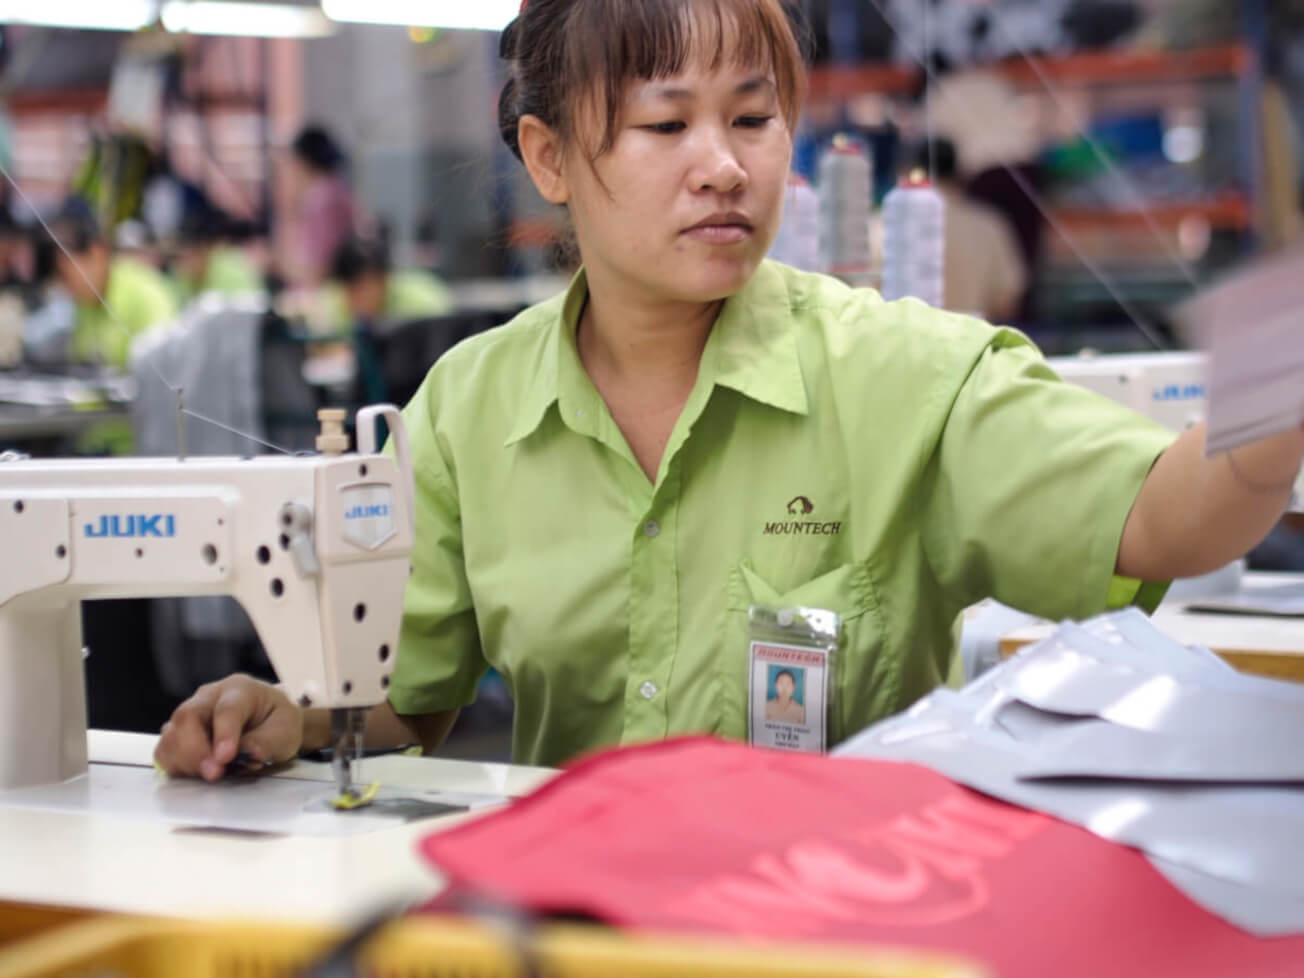 30 Jahre Mountech - Näherin im Tatonka-Werk in Saigon, Vietnam.